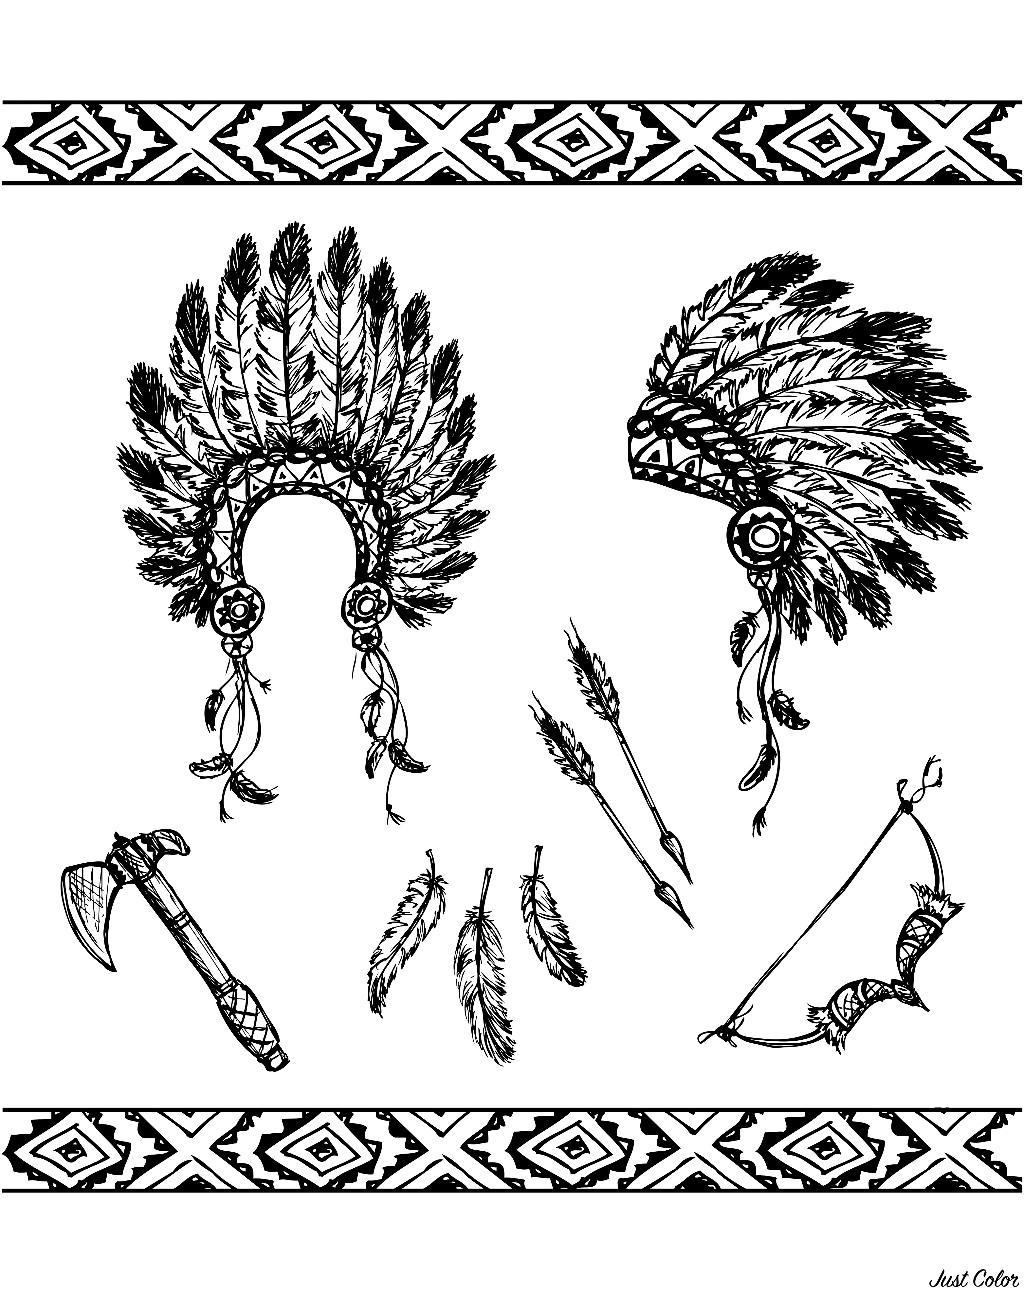 Disegni da colorare per adulti : Indiano dAmerica - 5